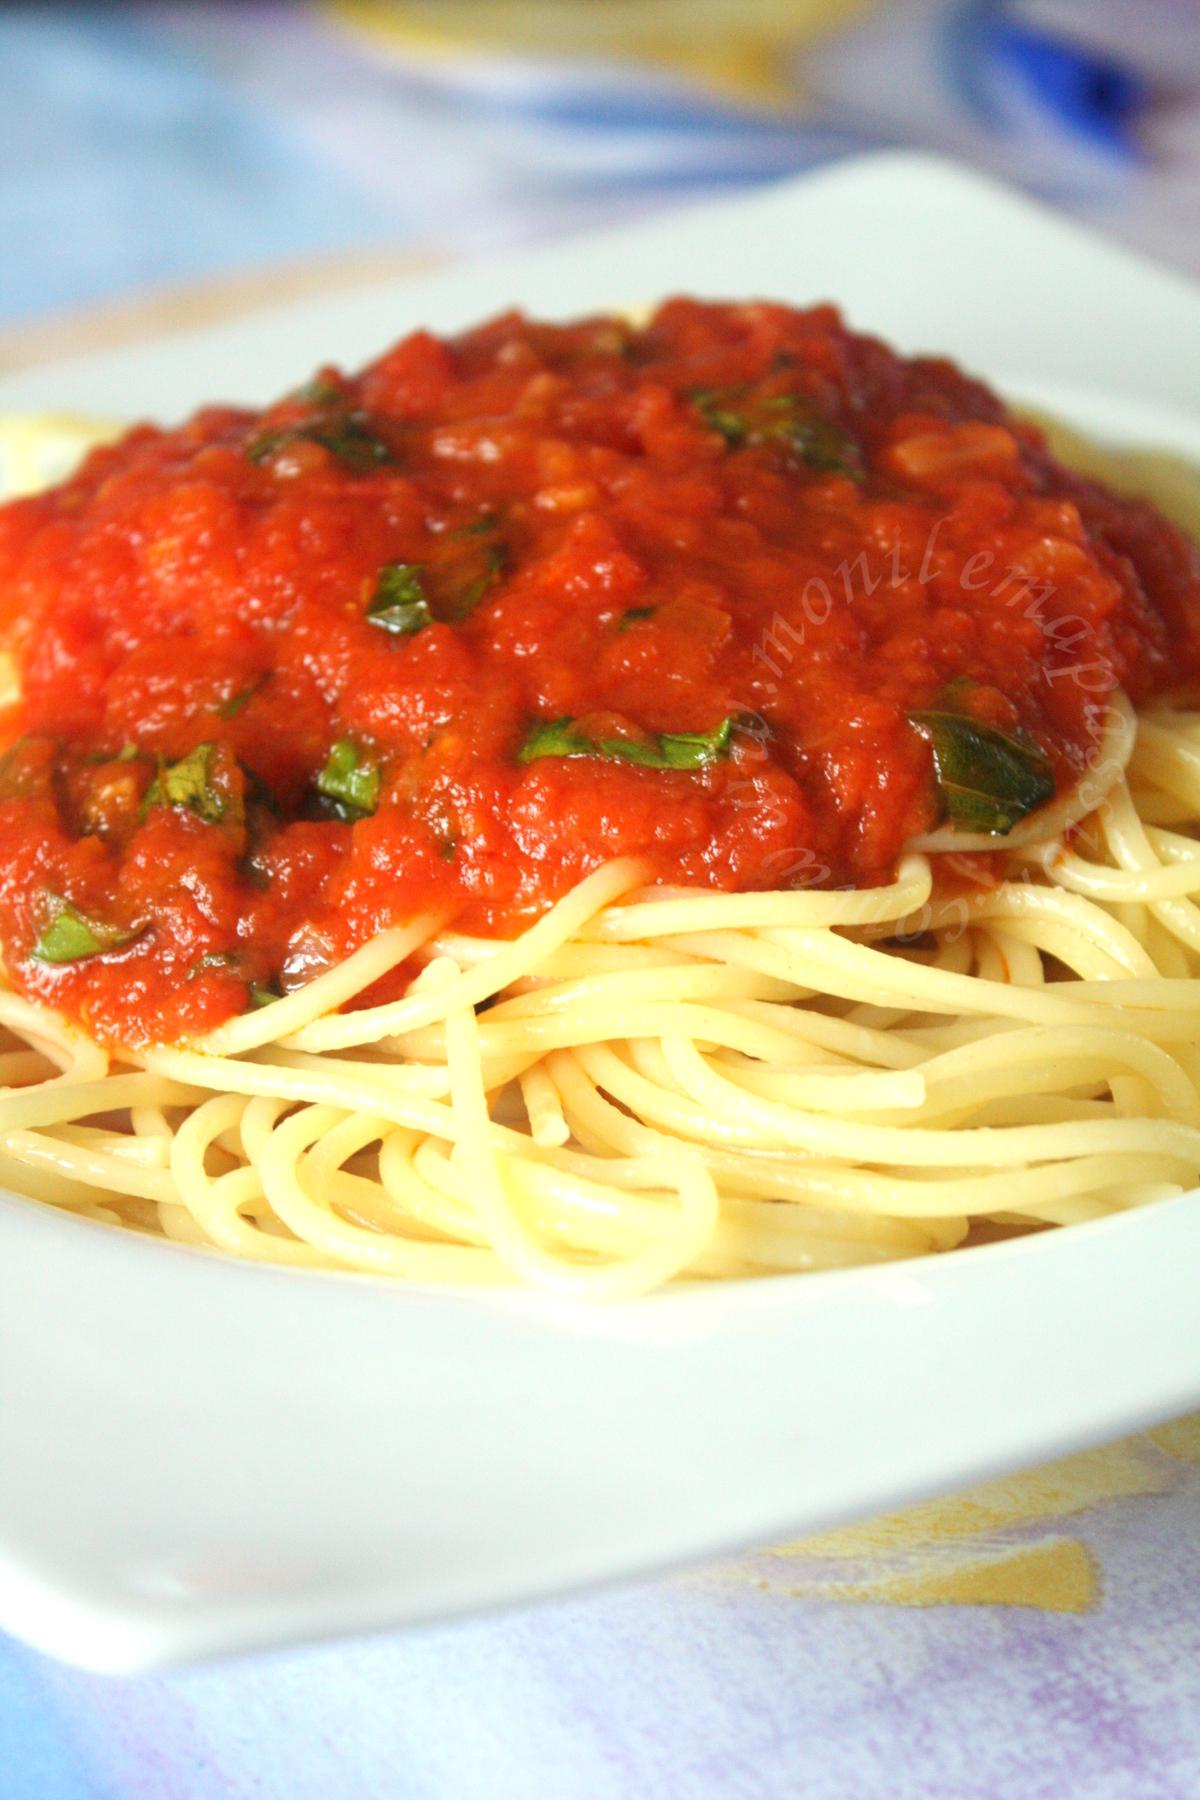 Sauce tomate au basilic - Basil tomato sauce